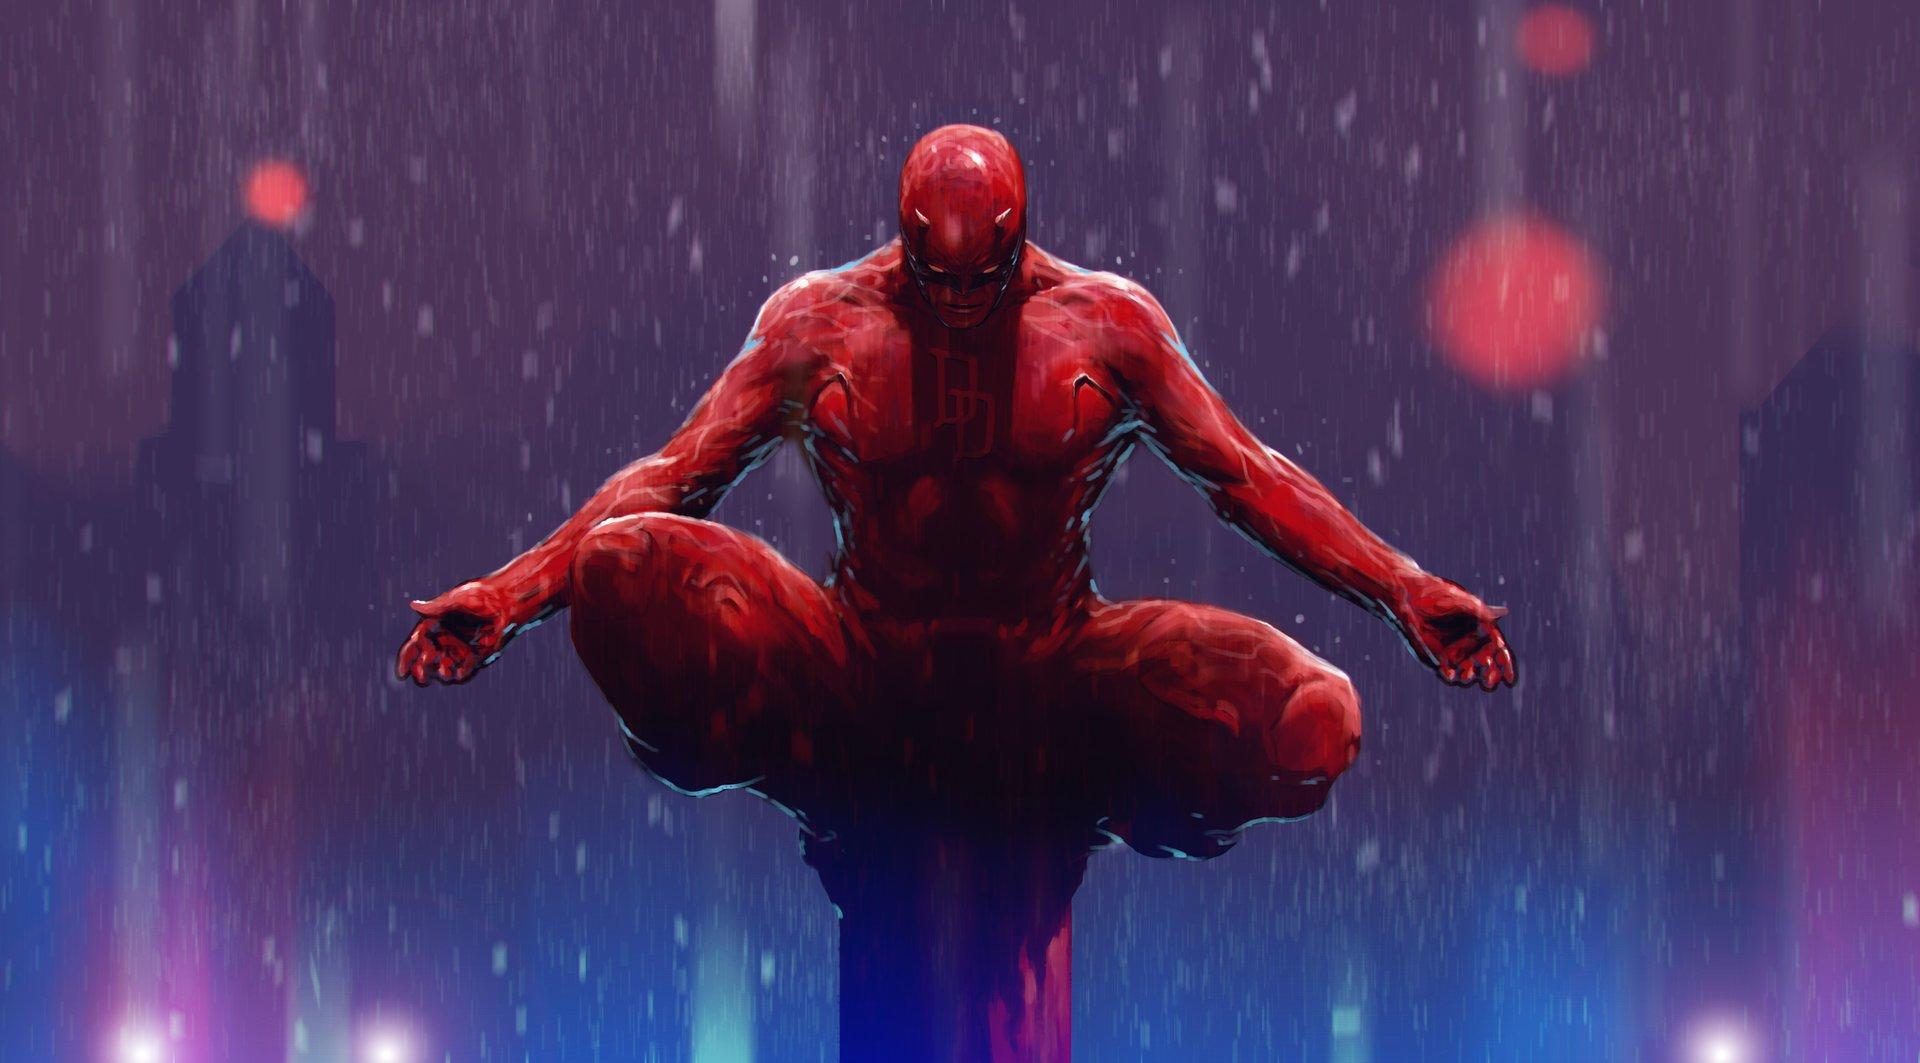 Игры и фильмы по комиксам: Daredevil - Изображение 1